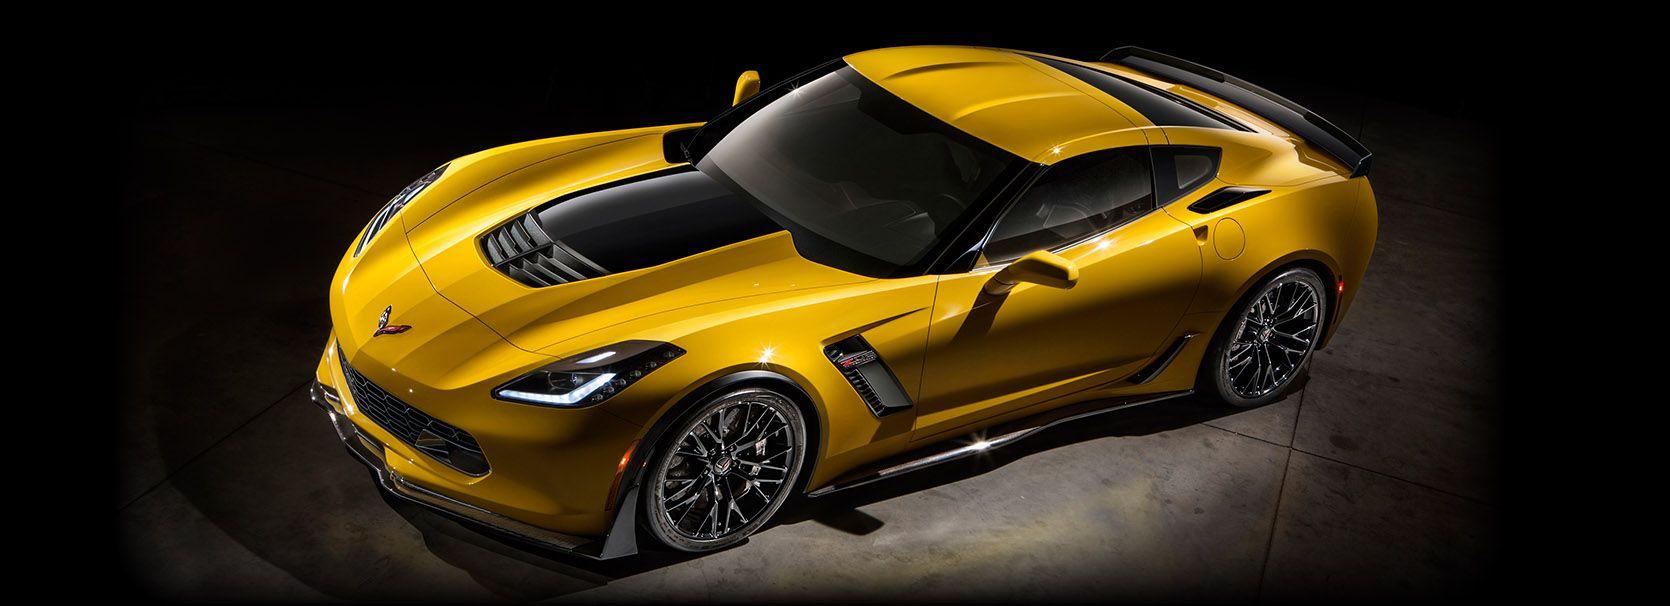 2015 Z Oh 6 Chevrolet Corvette Z06 Chevy Corvette Z06 Chevy Corvette